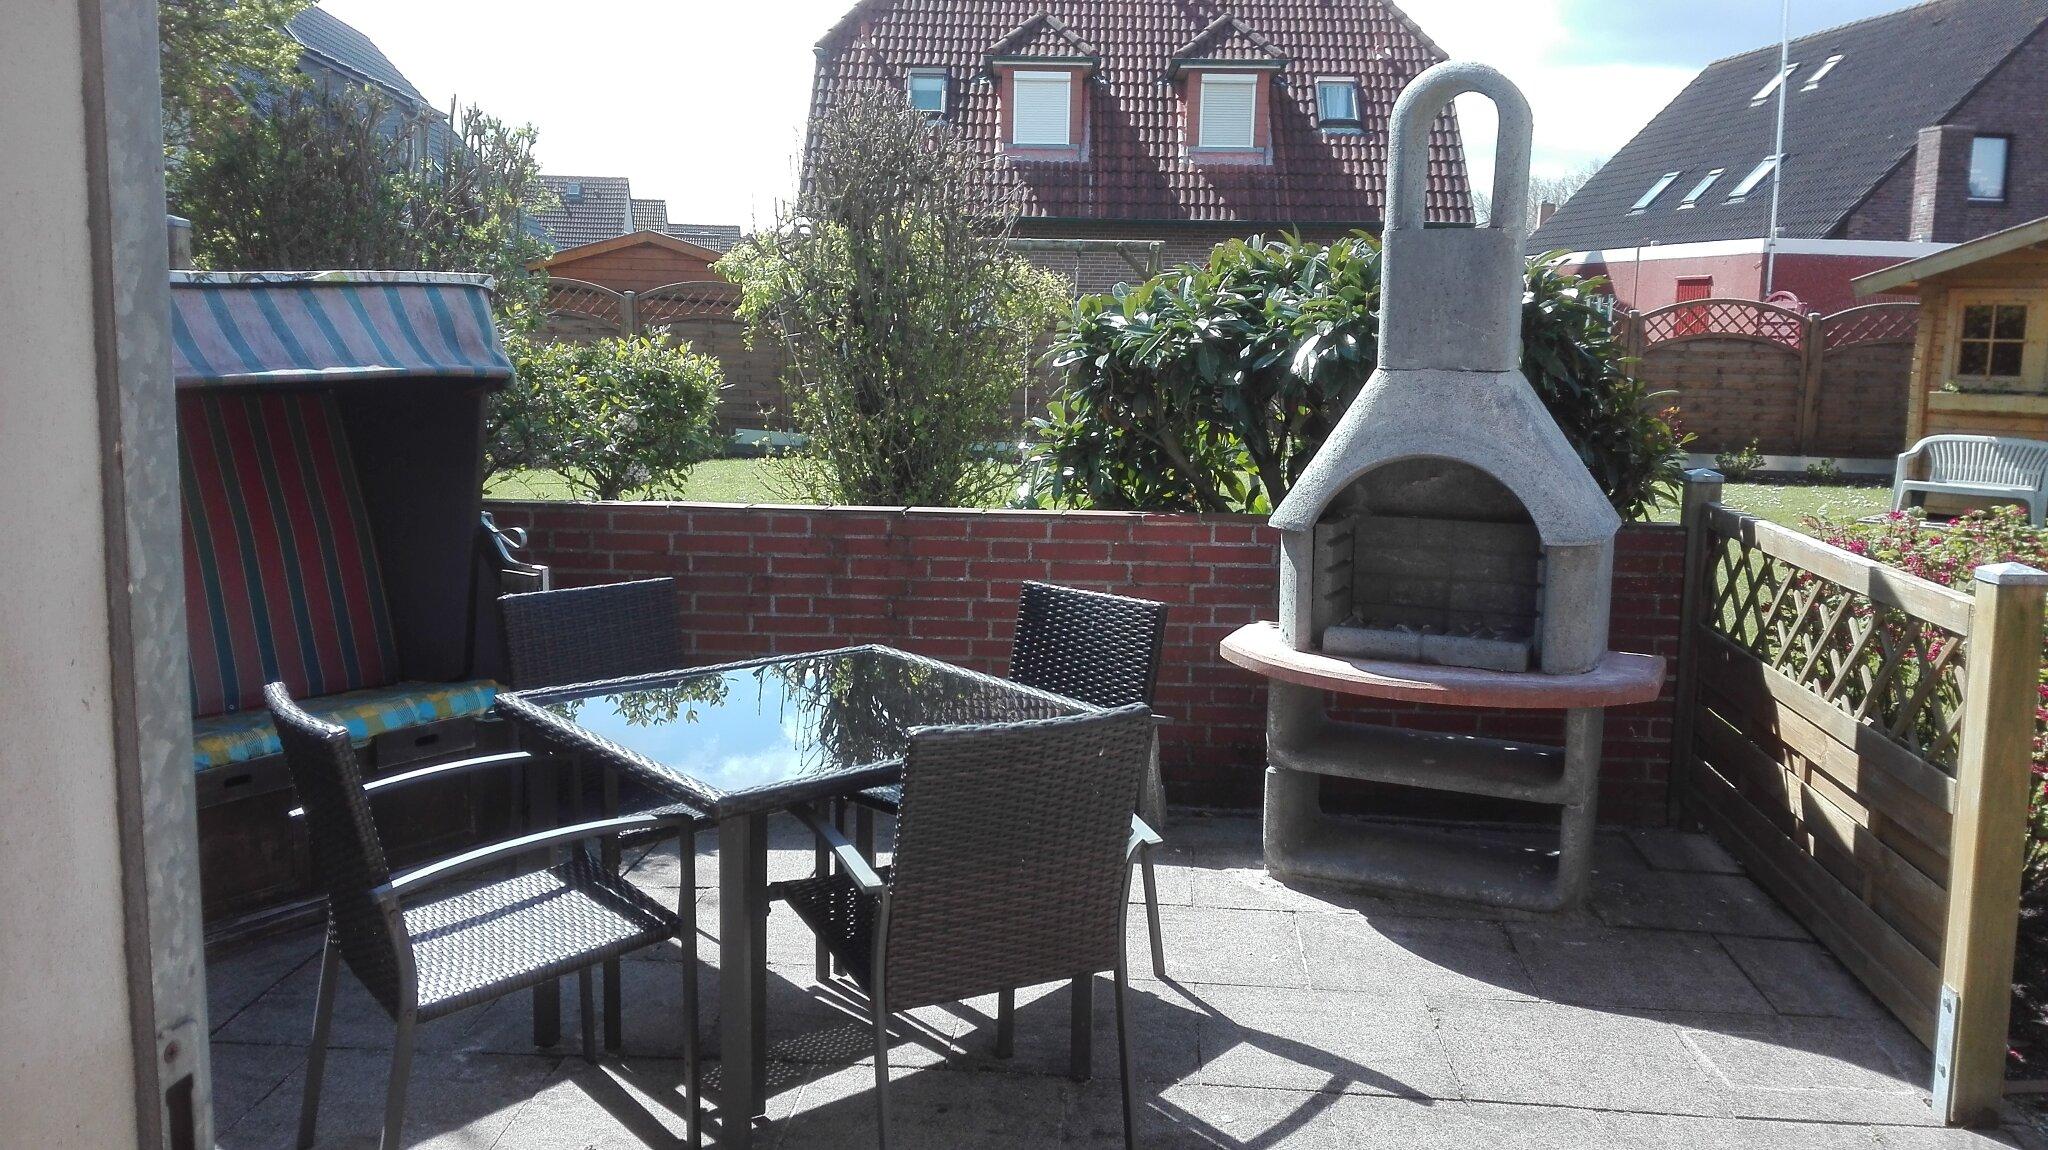 Garten mit Schaukel und Gartenh�uschen